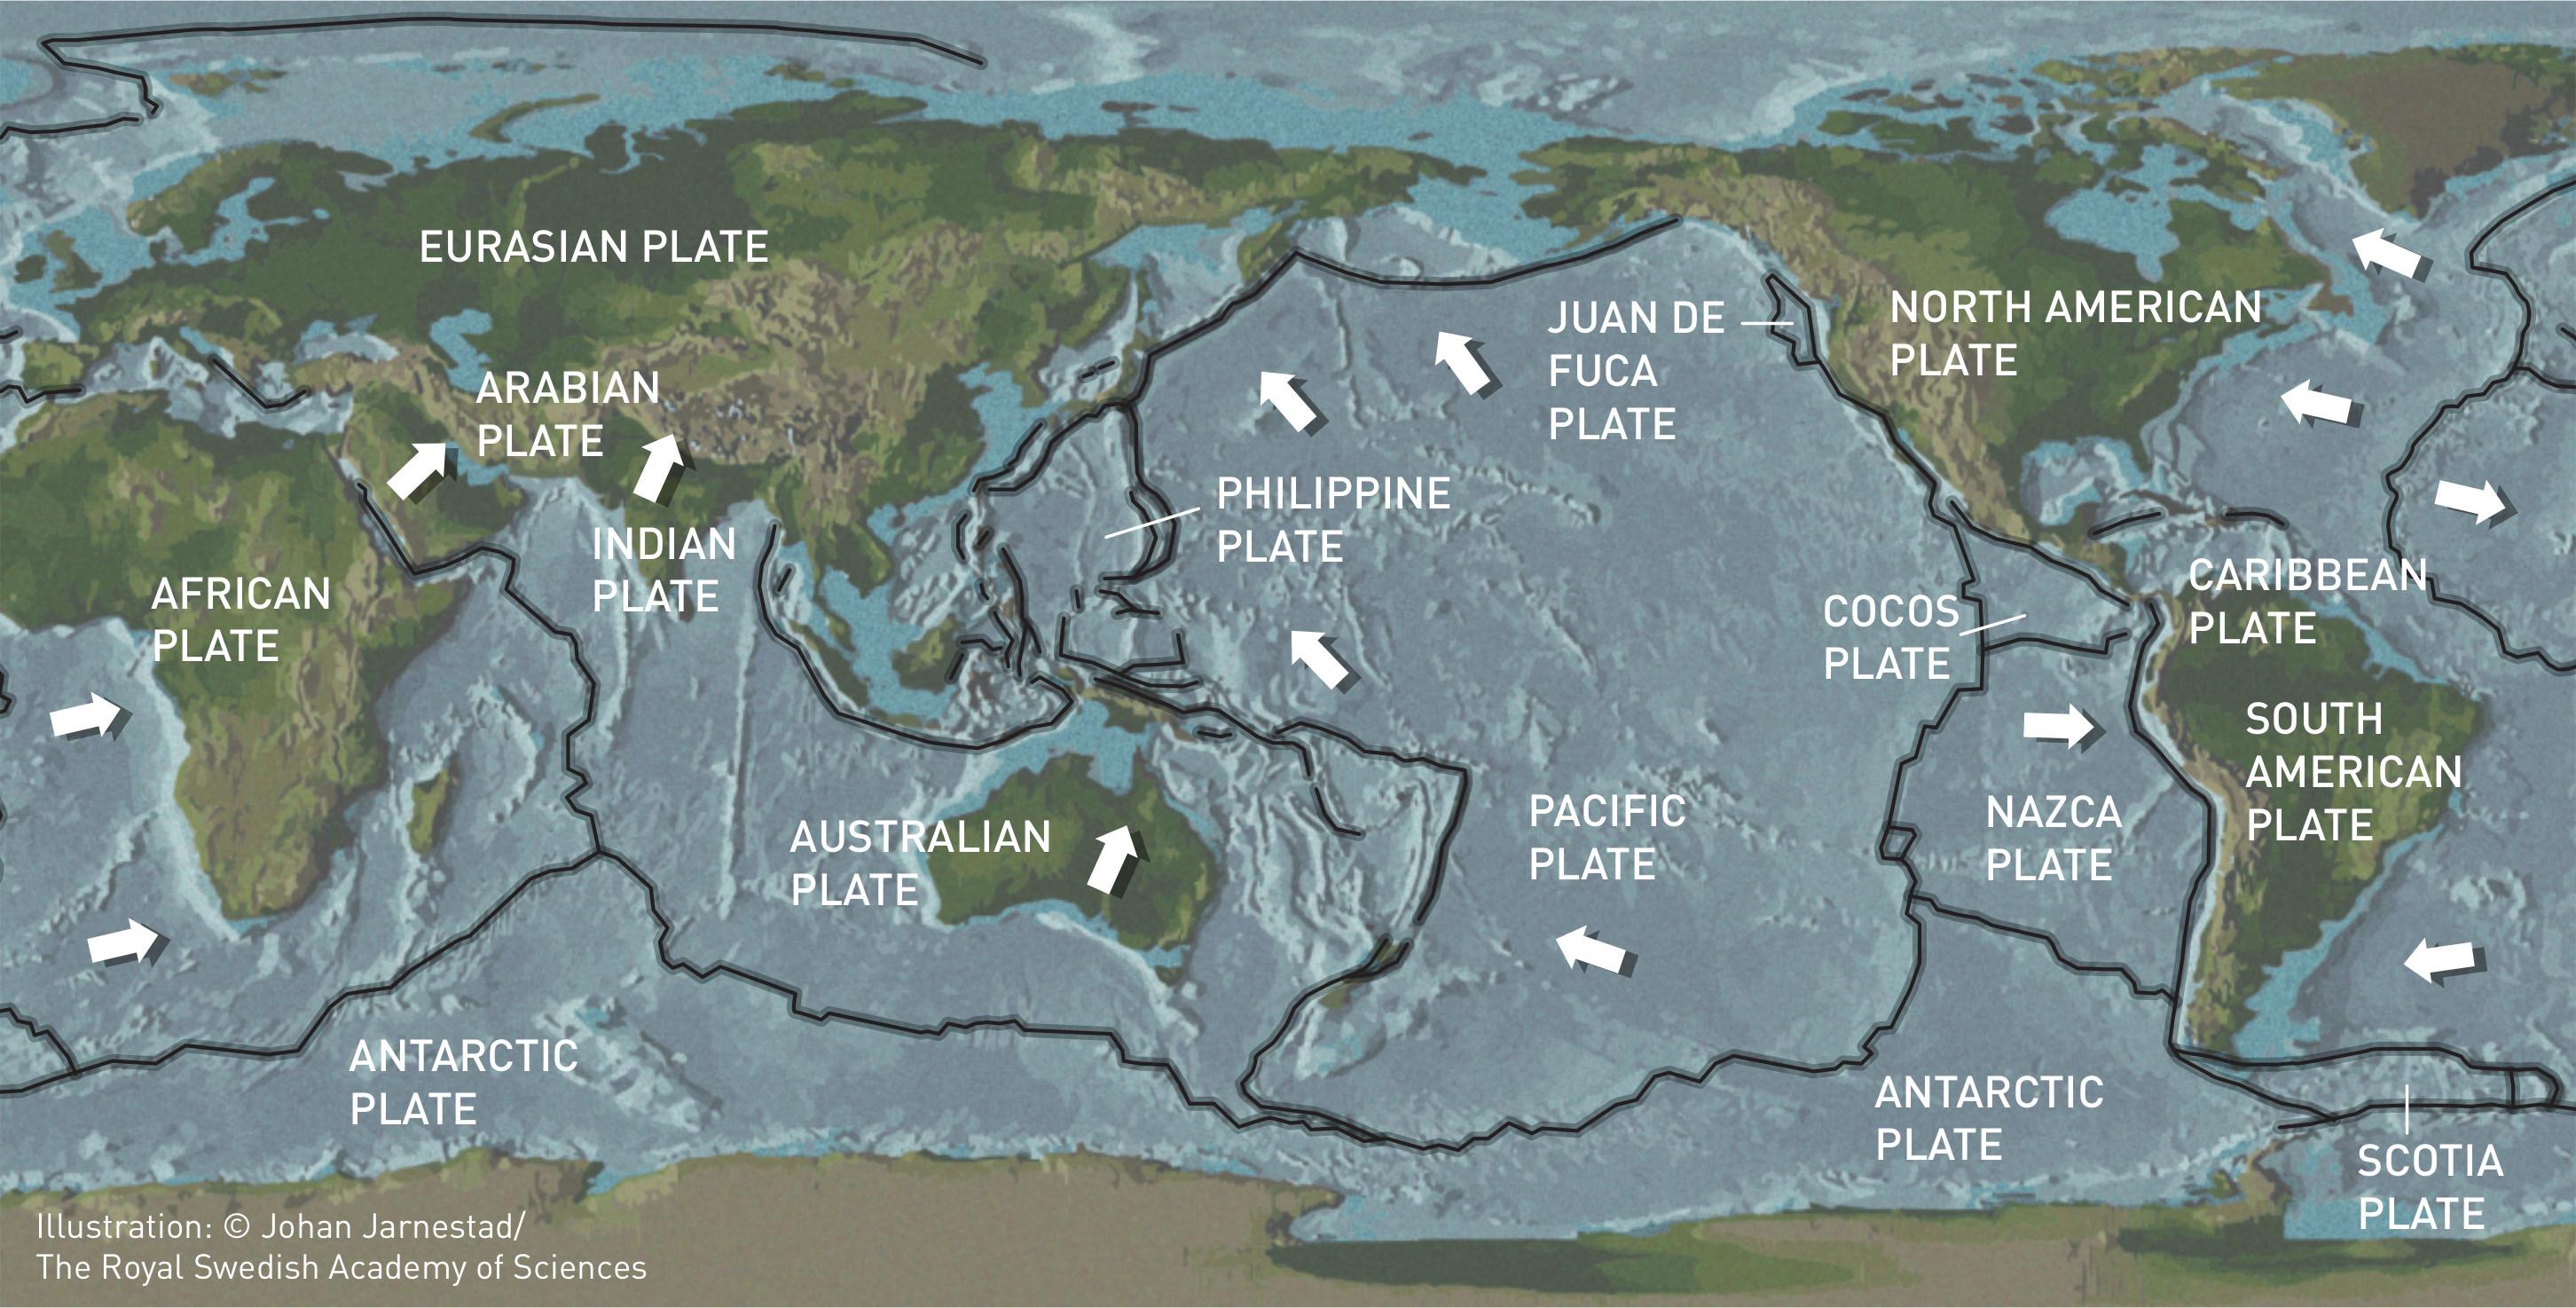 Tektoniniu ploksciu zemelapis